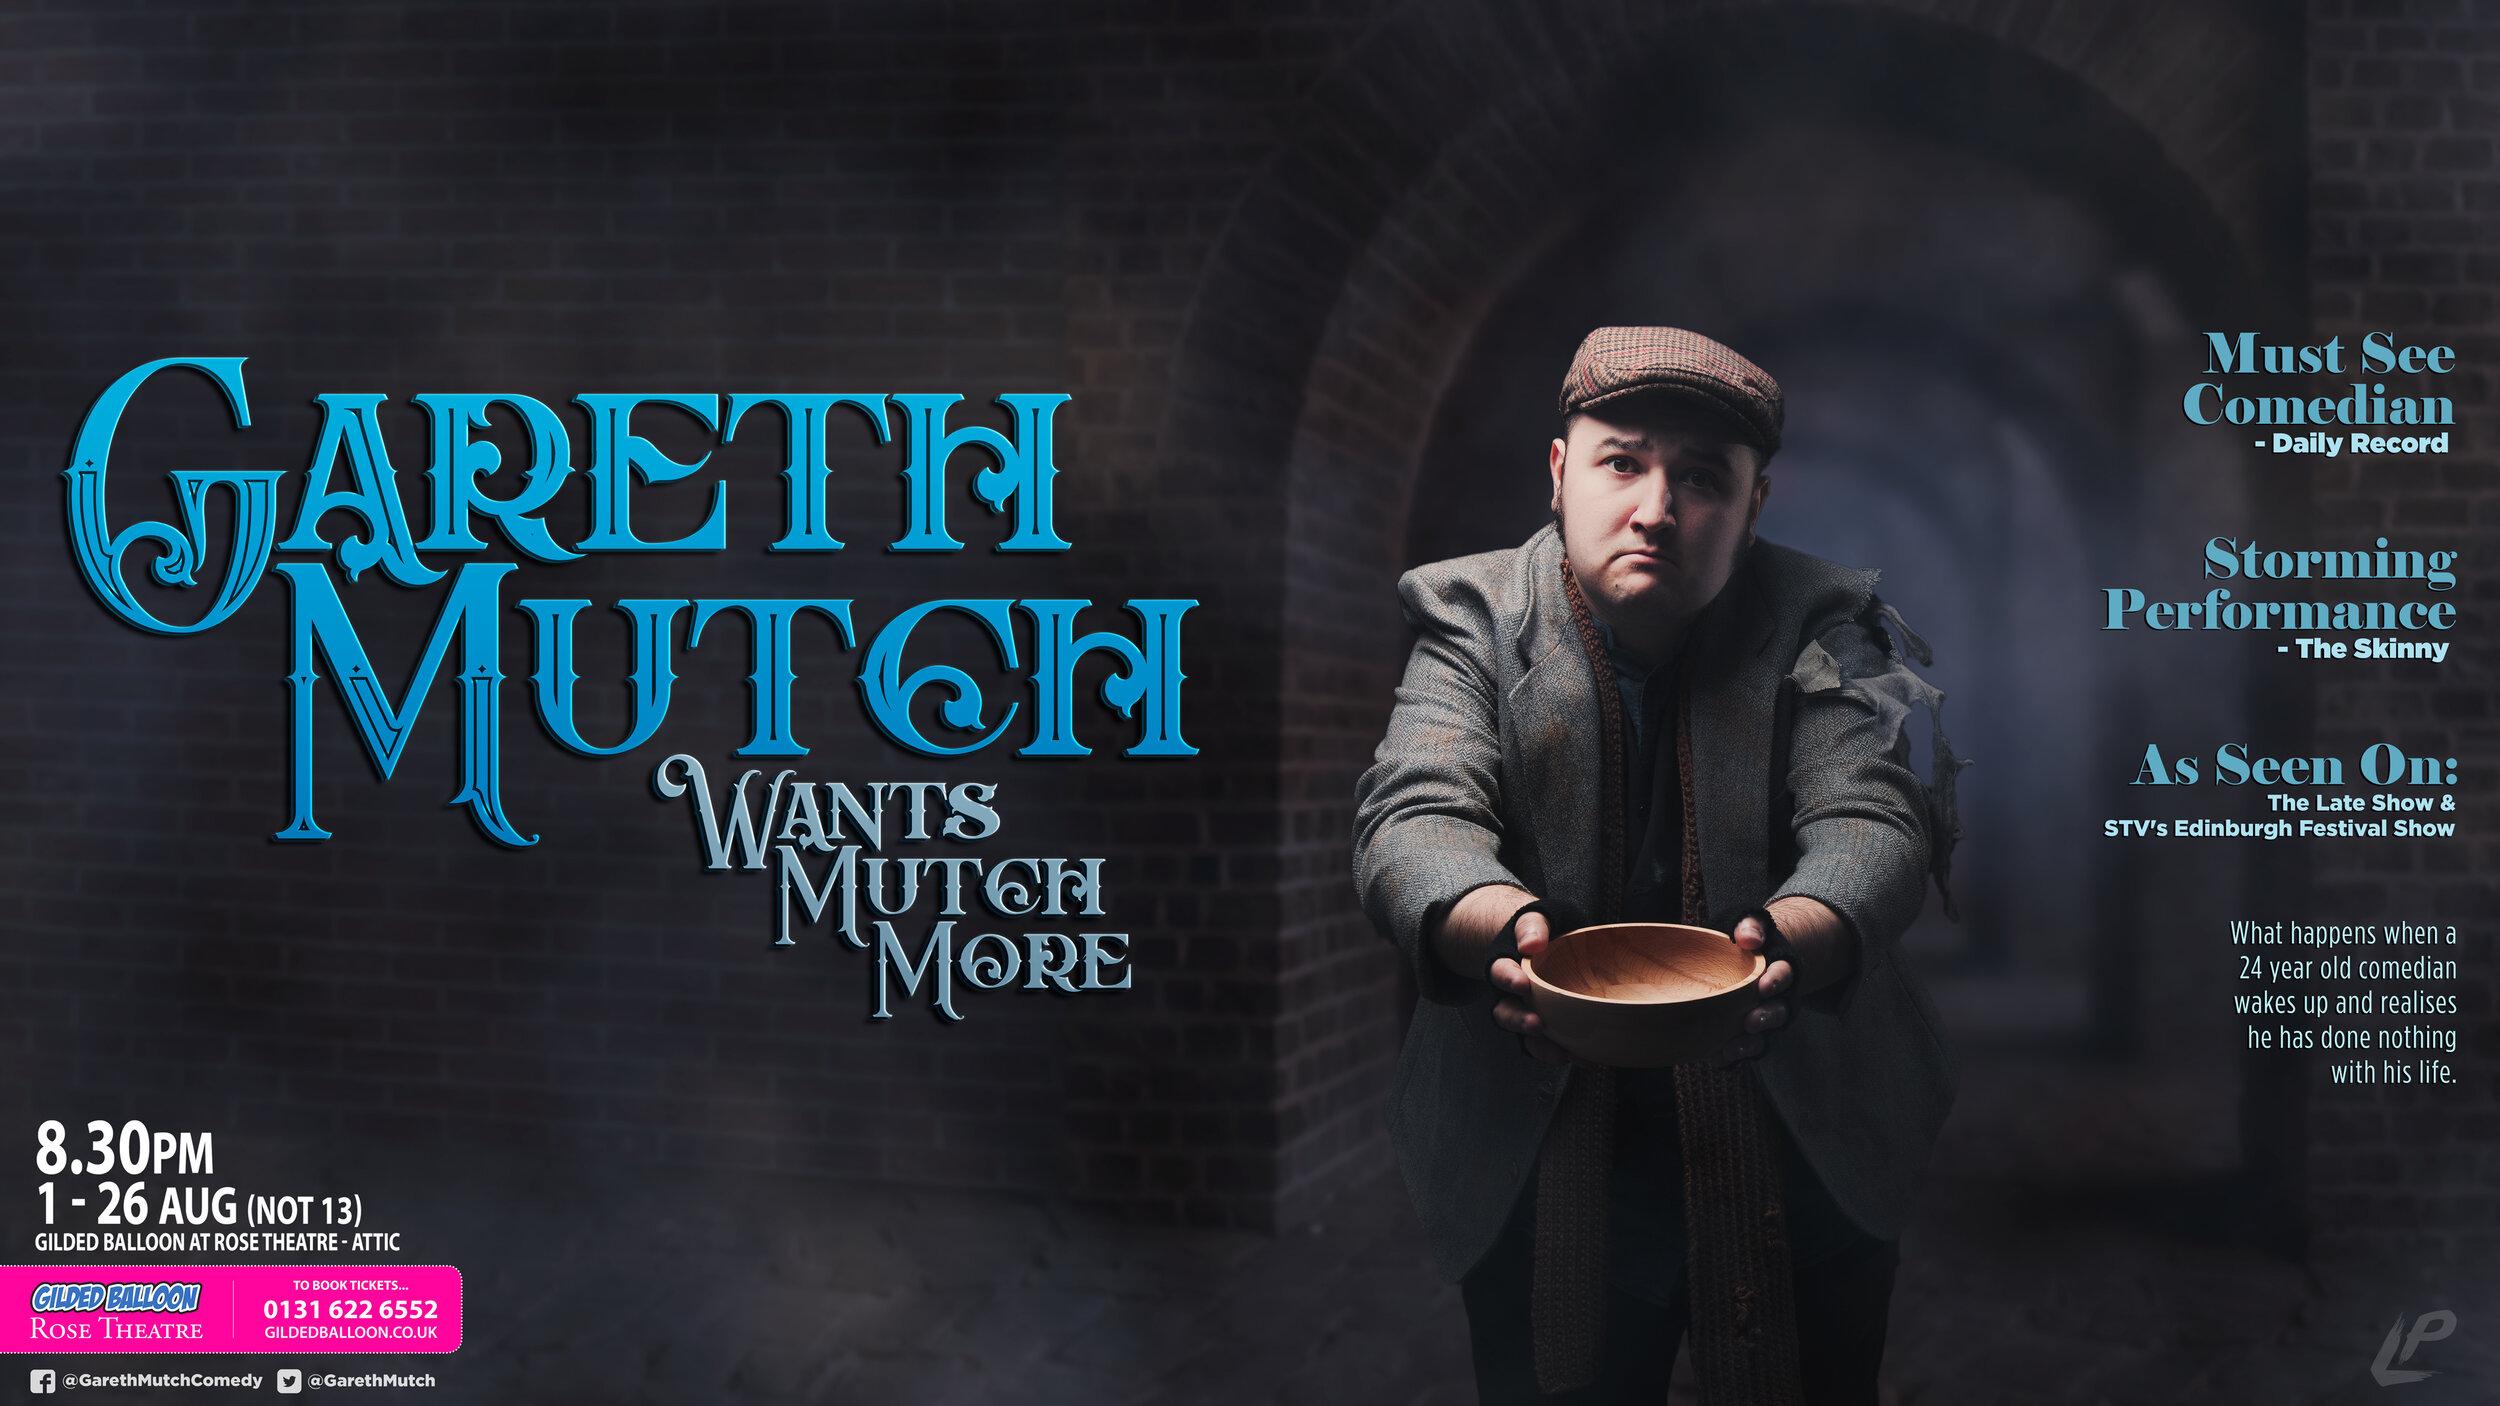 Gareth-Mutch-Wants-Much-More-Wide.jpg